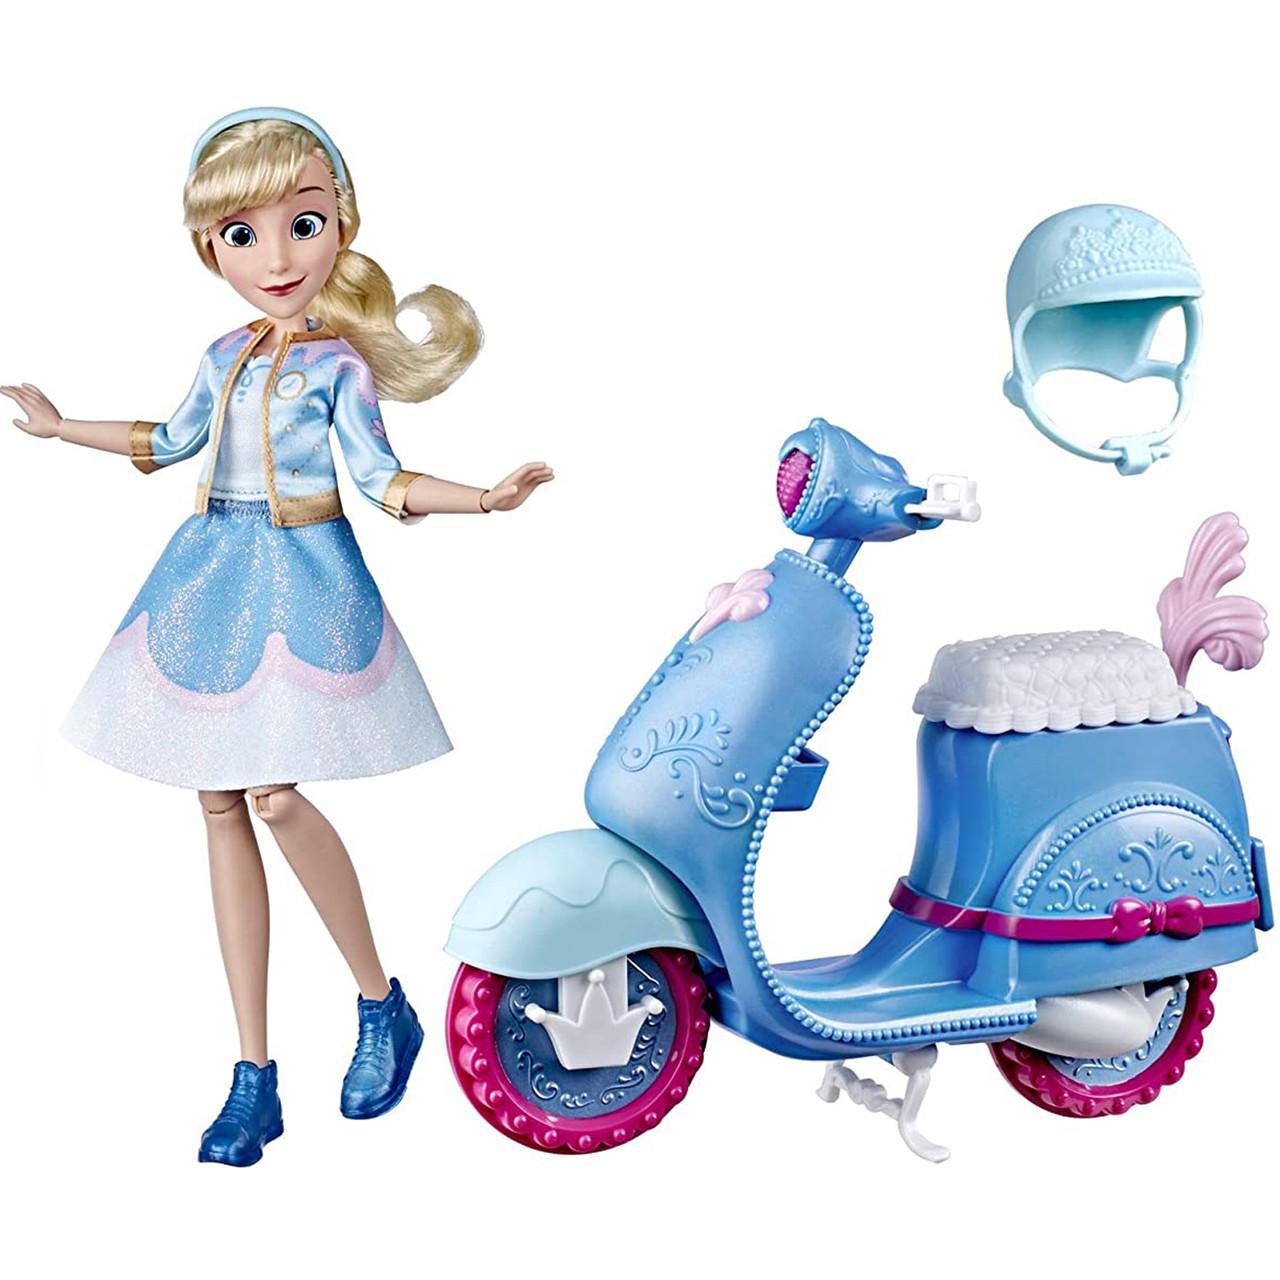 Кукла Золушка на скутере Disney Princess Hasbro E8937